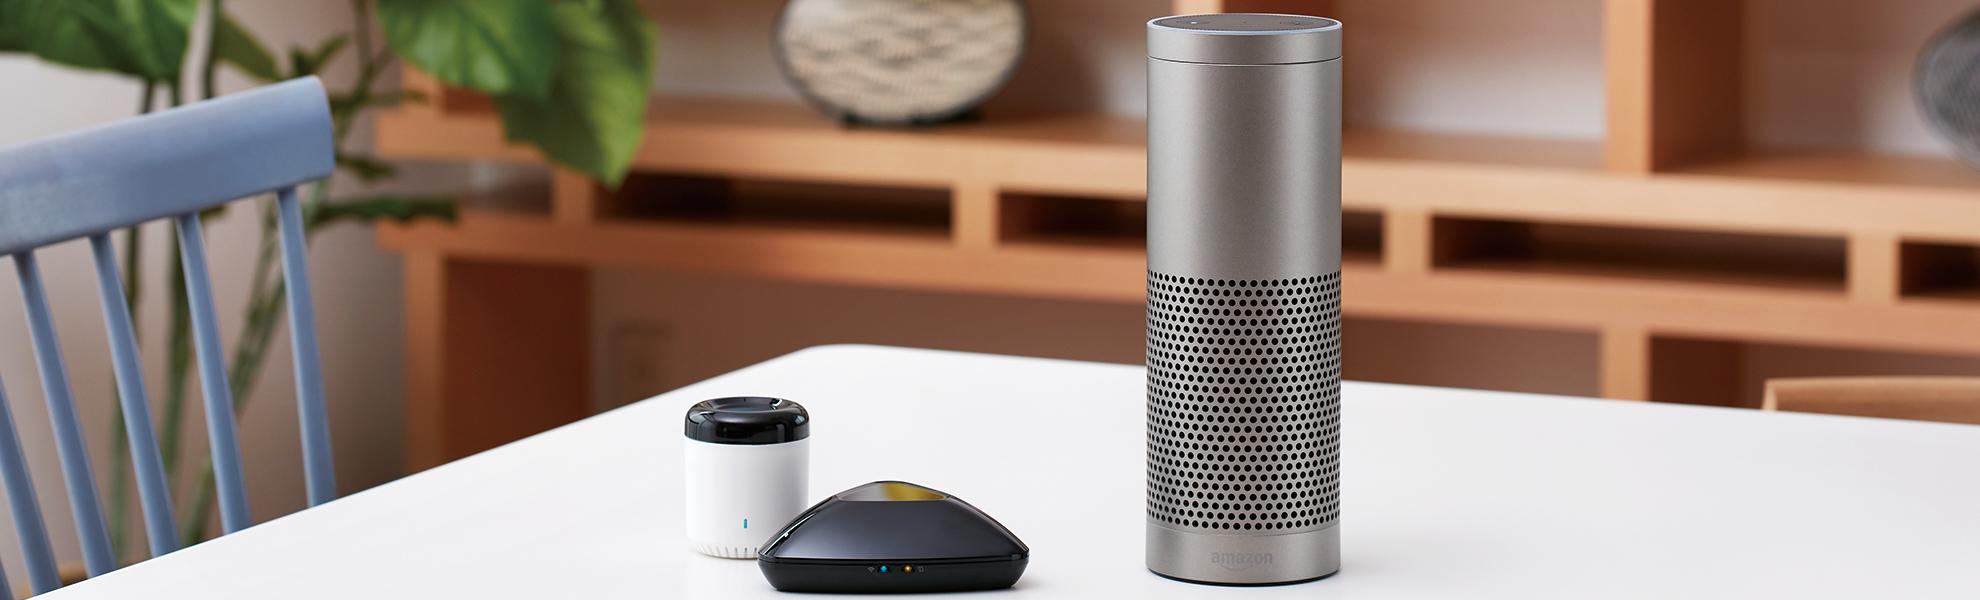 Amazon Alexa(echo)との連携方法メイン画像